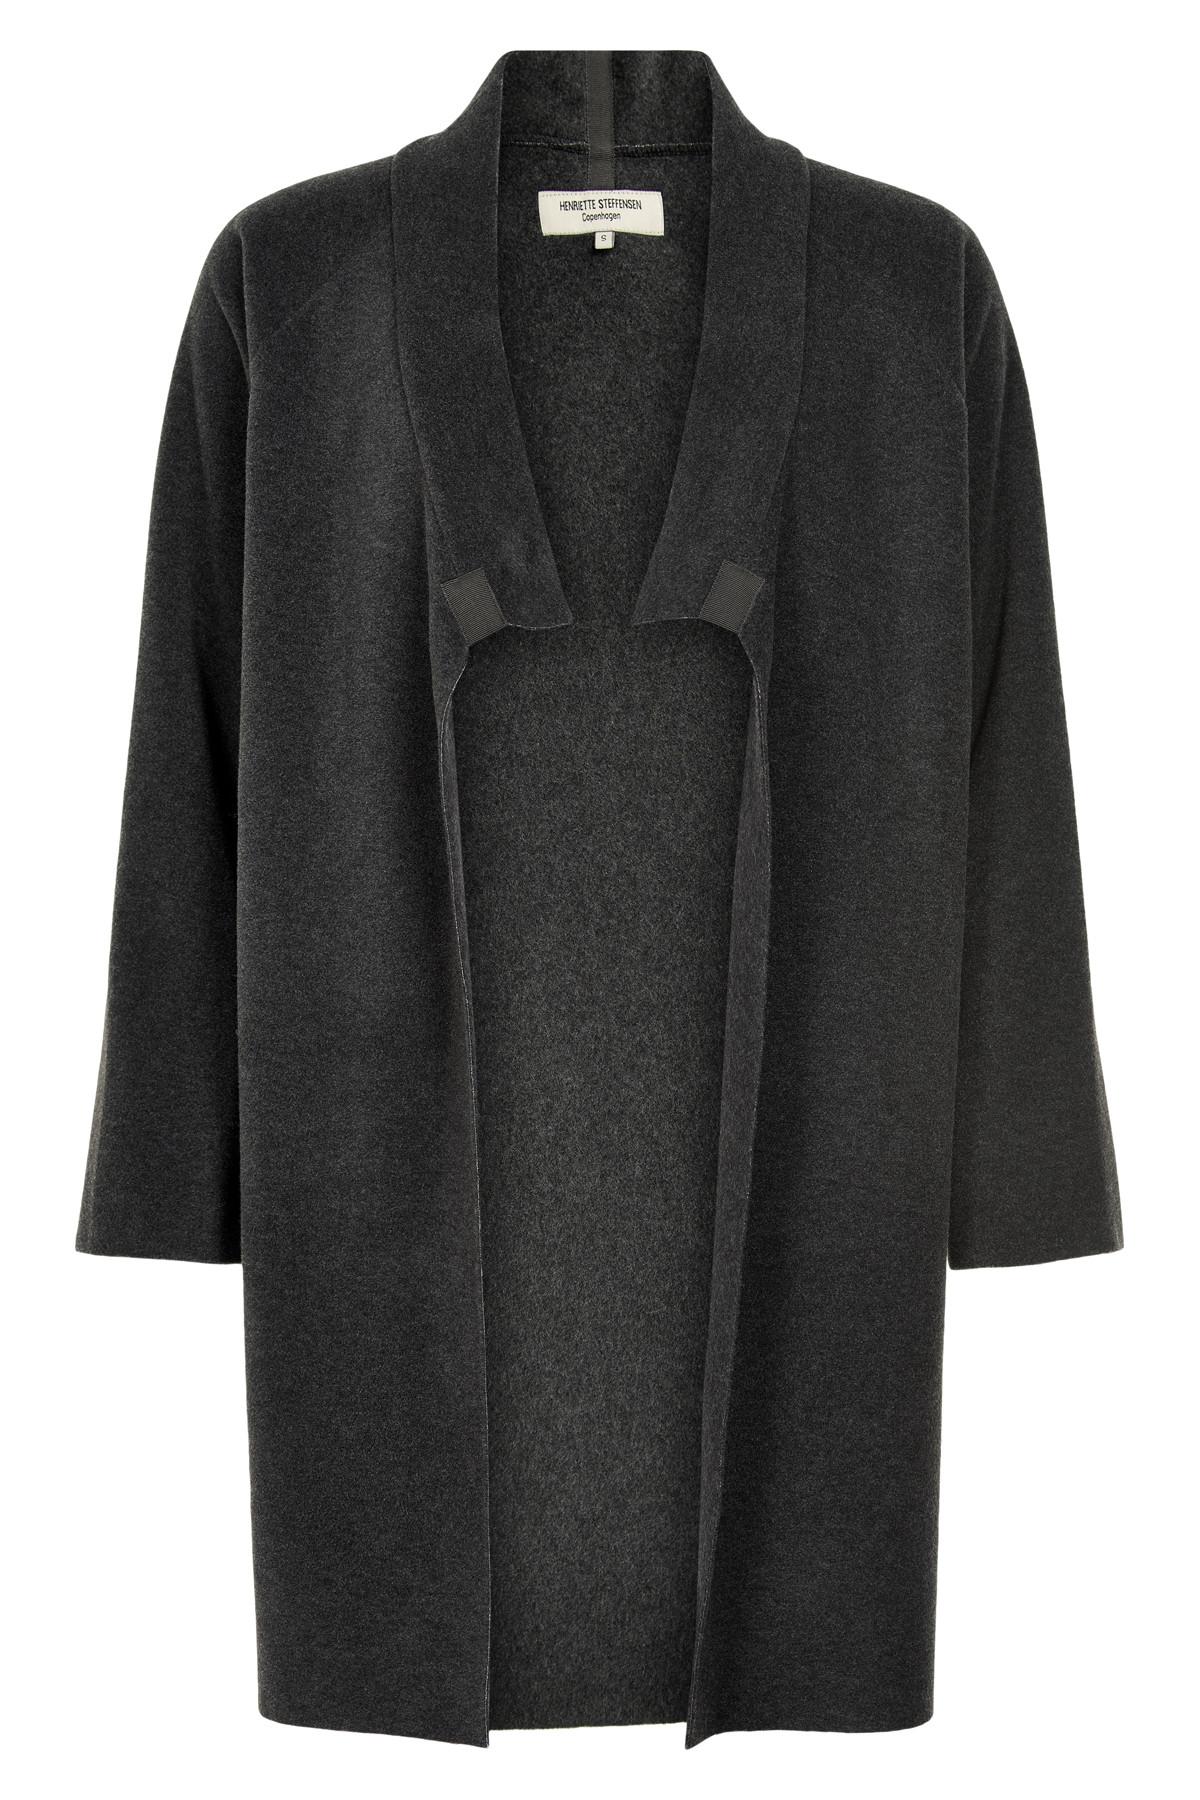 Image of   HENRIETTE STEFFENSEN Copenhagen 7117 CARDIGAN SOFT BLACK (Soft Black, S)